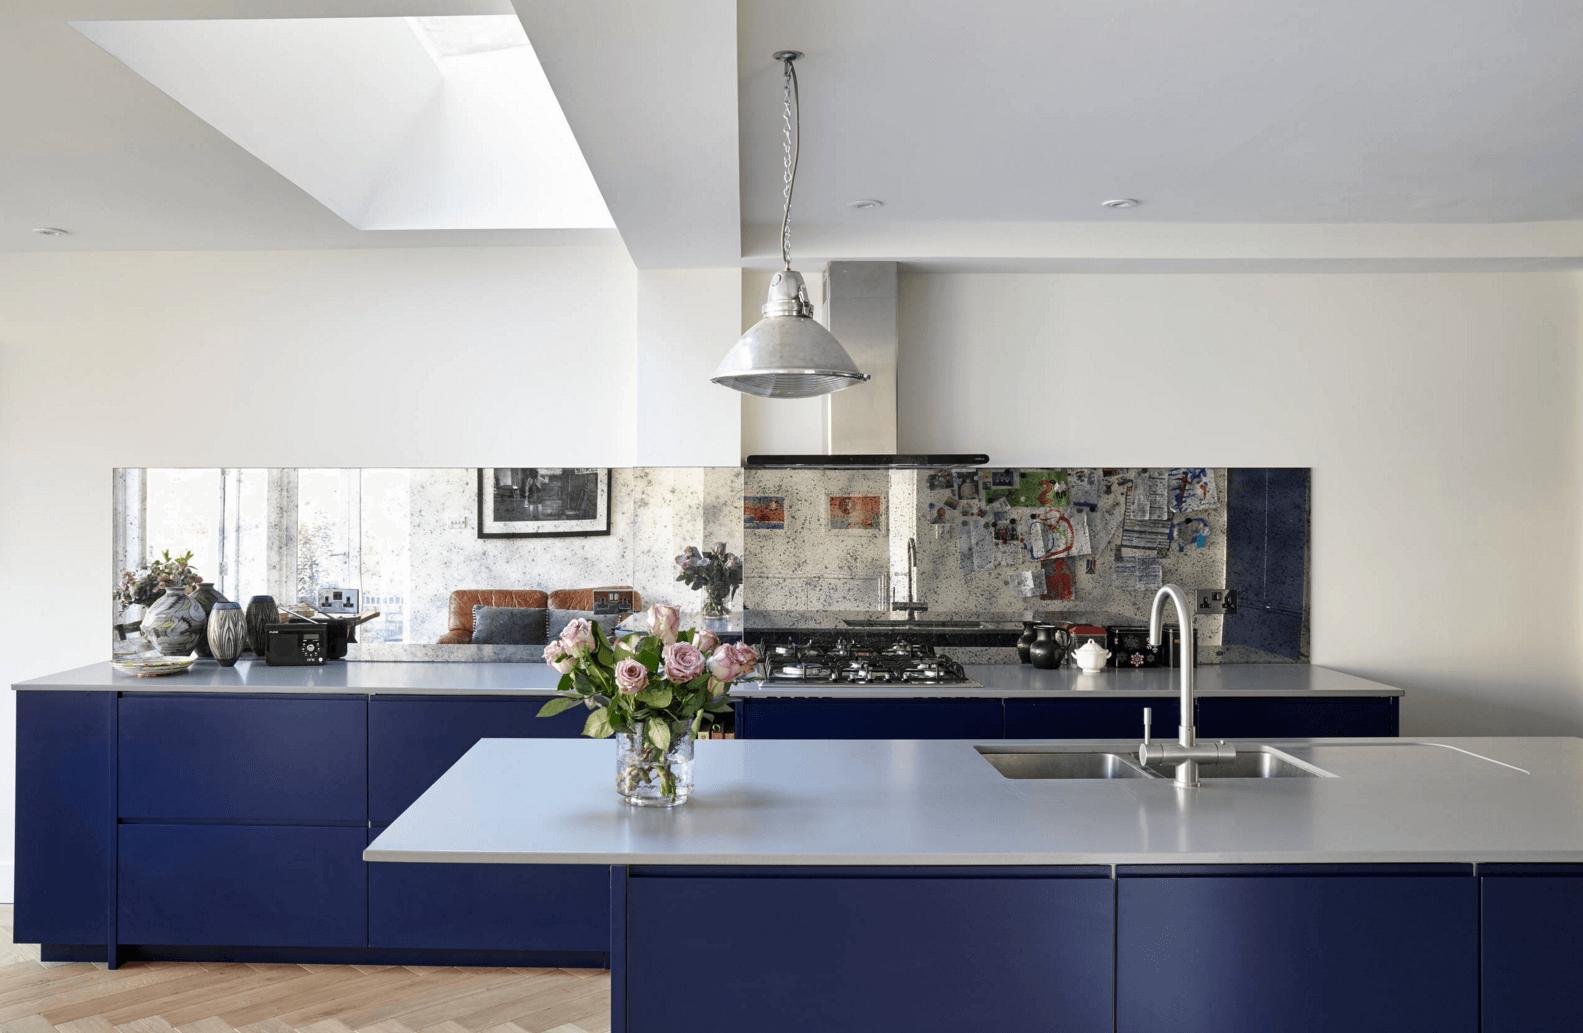 Идея дизайна фартука на кухню: зеркальный - фото 4